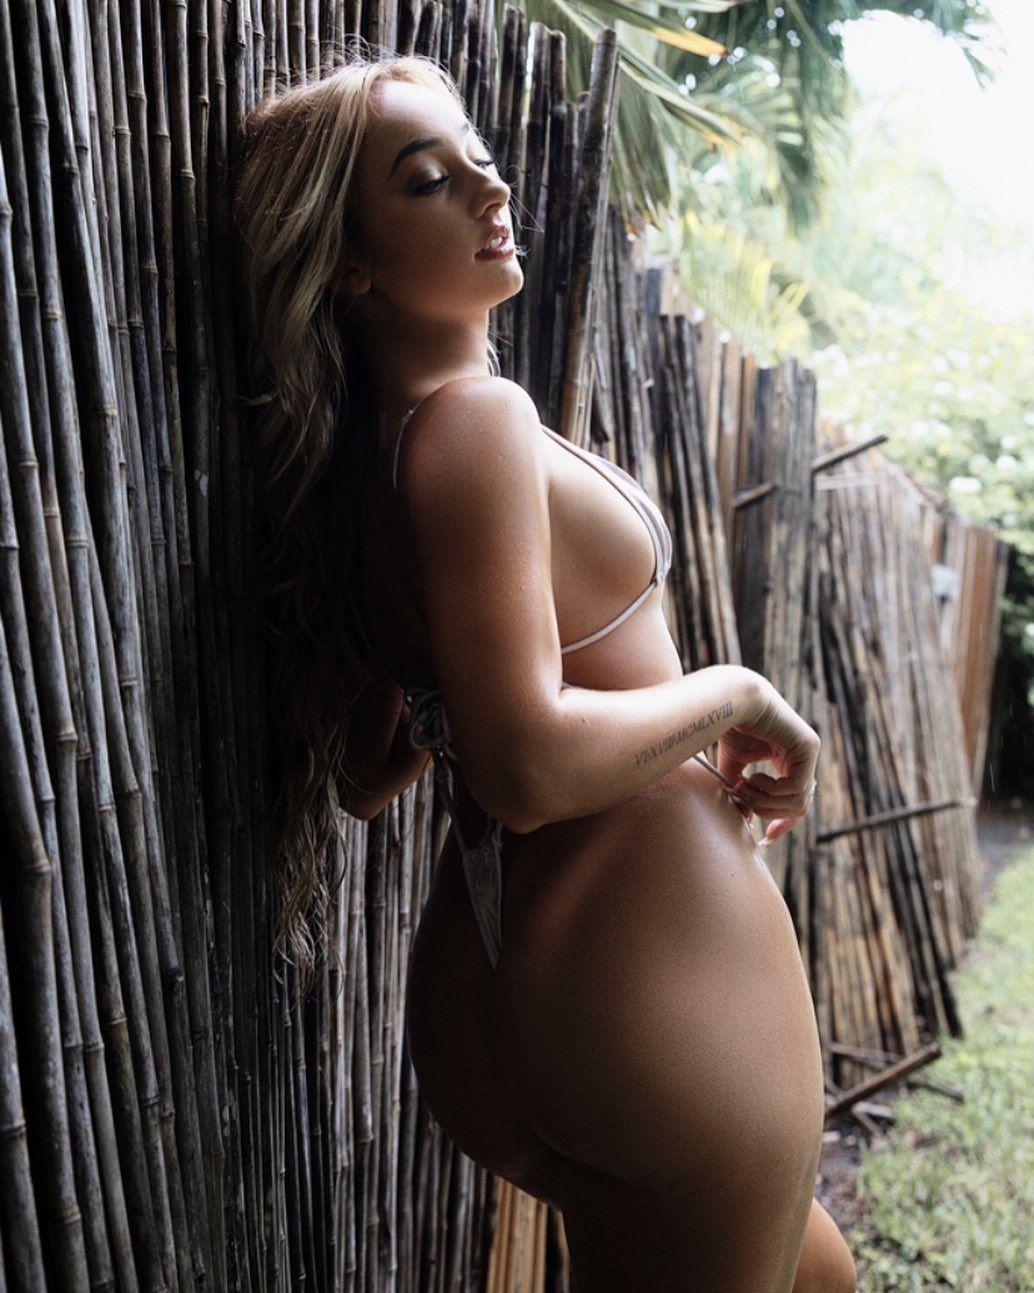 Jenni Niemaann Sexy & Topless 0047